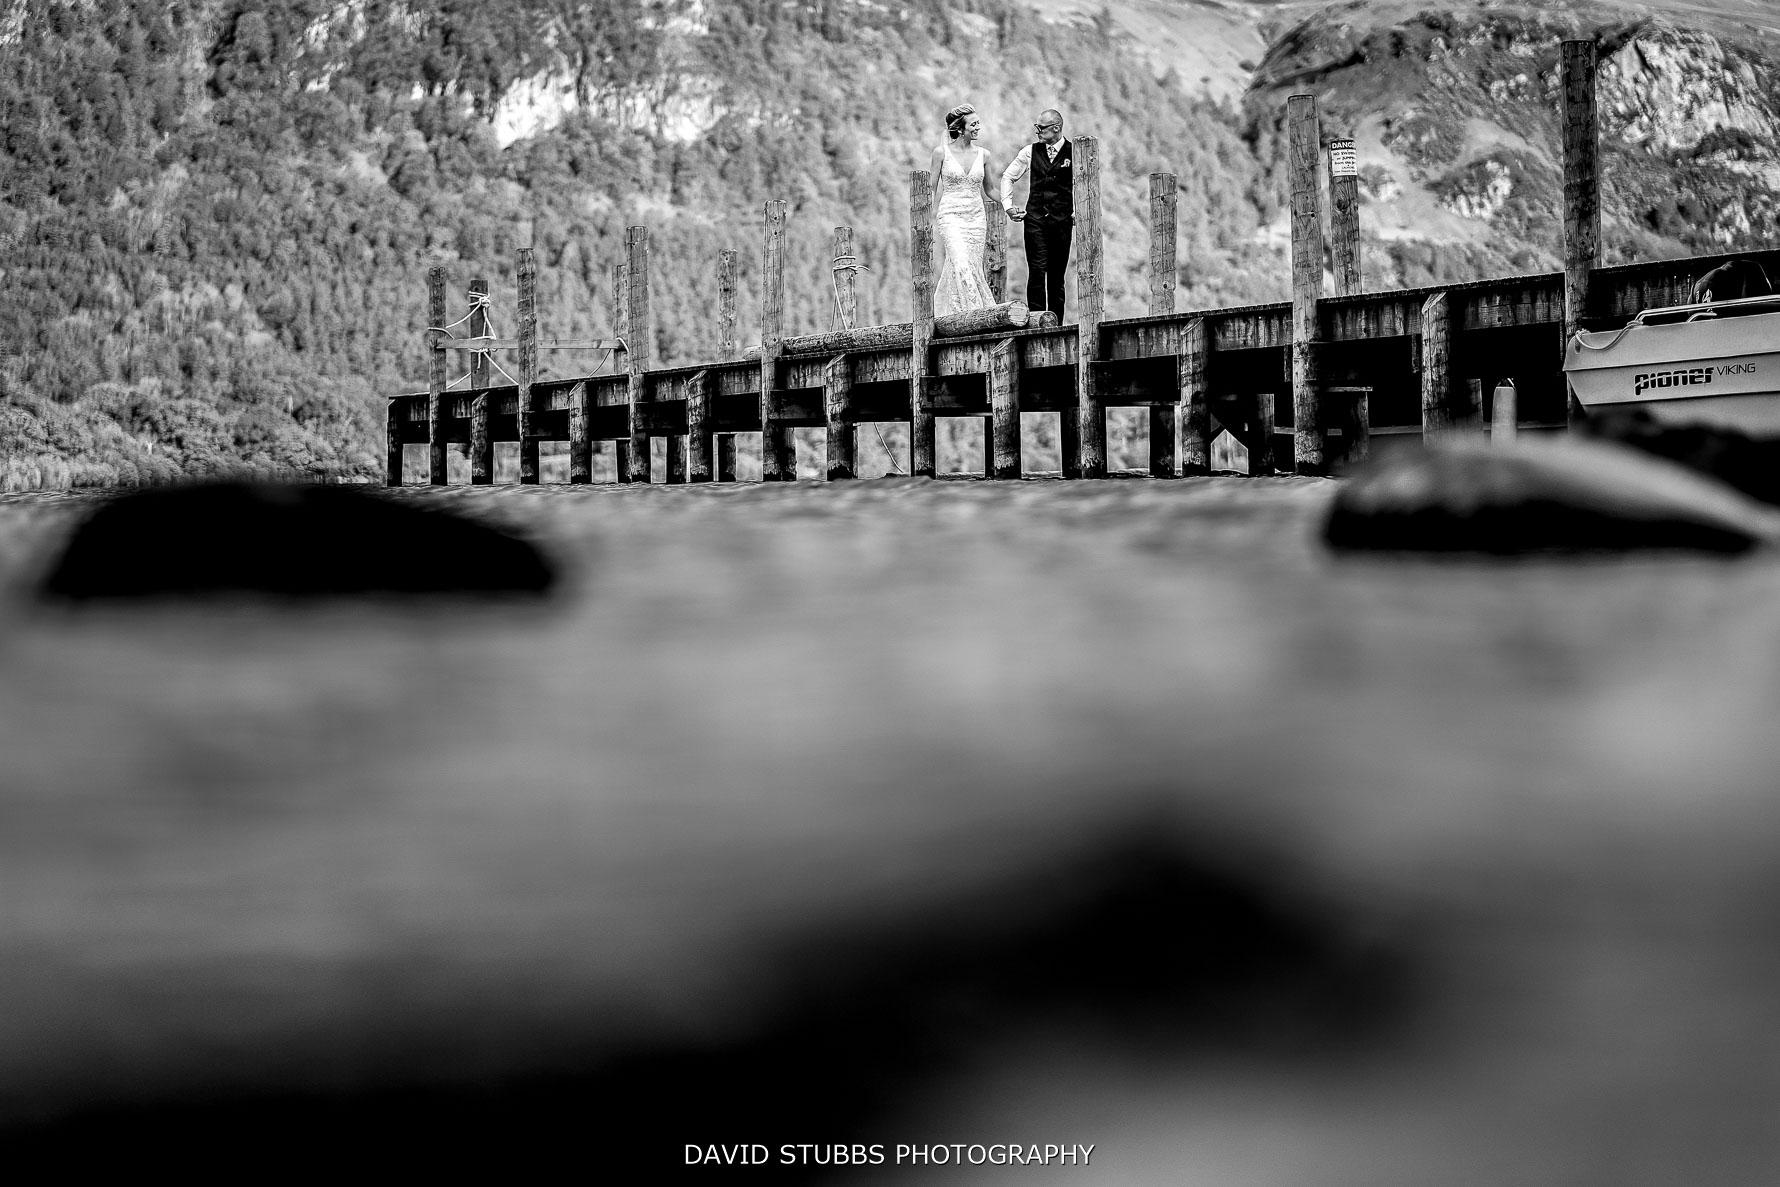 jetty in derwent water